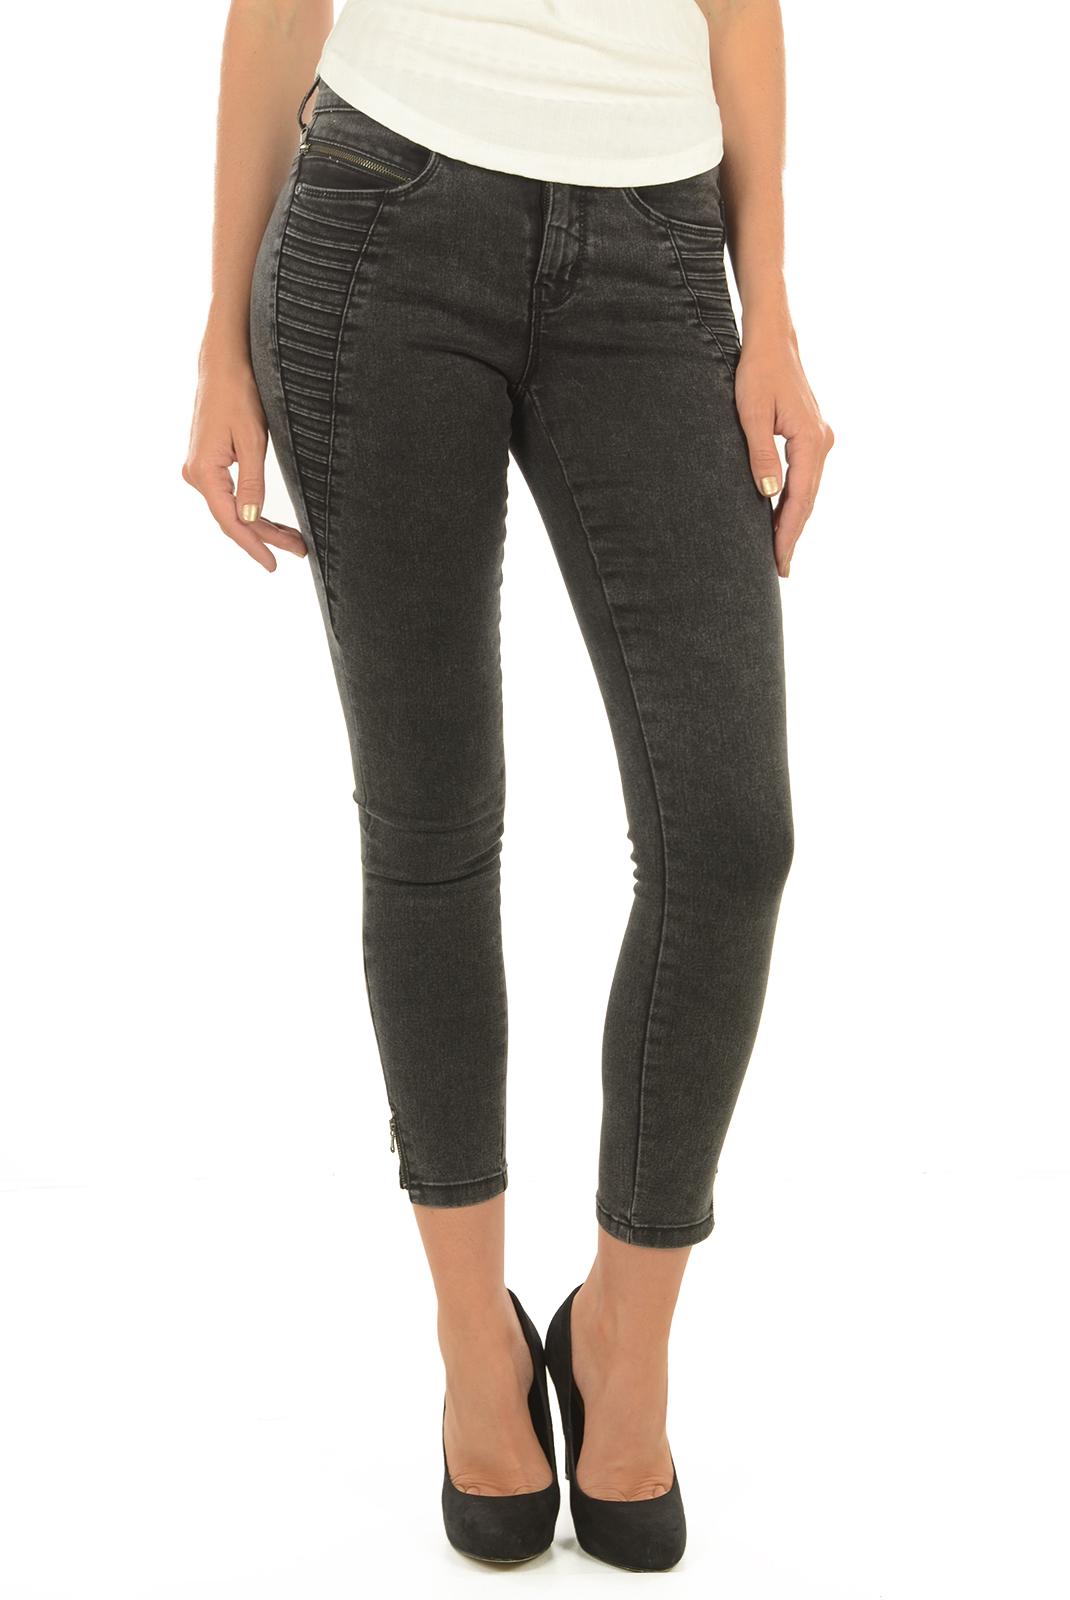 Jeans slim  Only ROYAL RG SK ZIP AN JNS PNT PIM601 NOOS BLACK DENIM